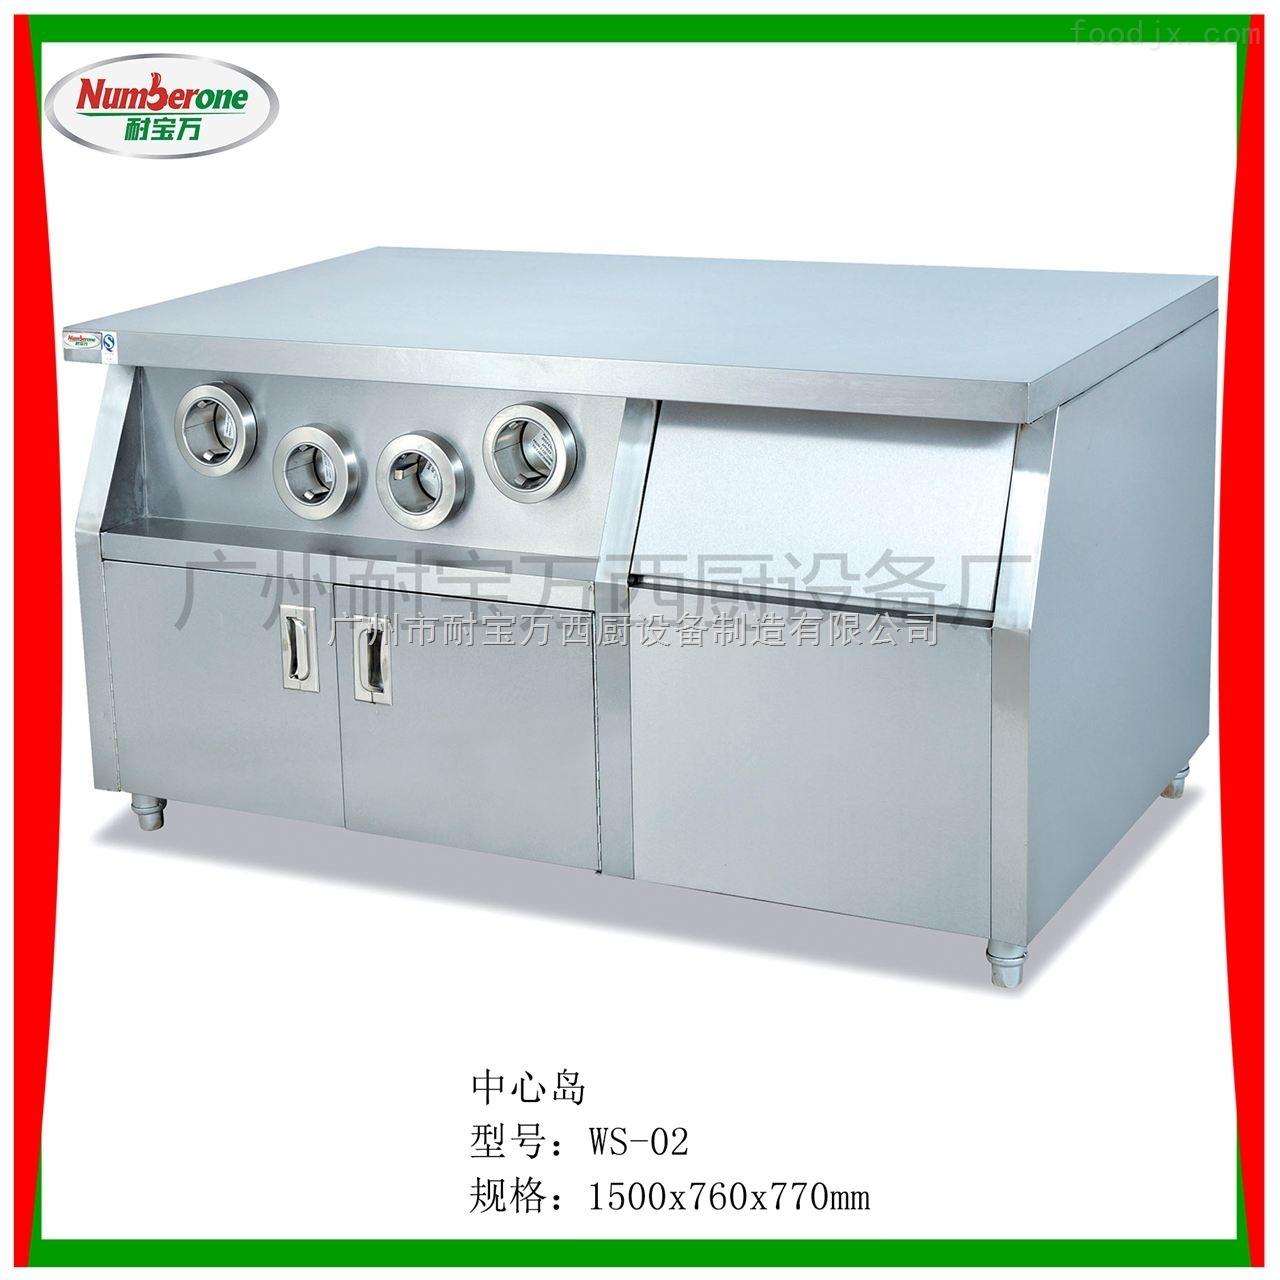 中心岛分杯器/陈列保温柜/西式快餐设备/汉堡机/薯条展示柜